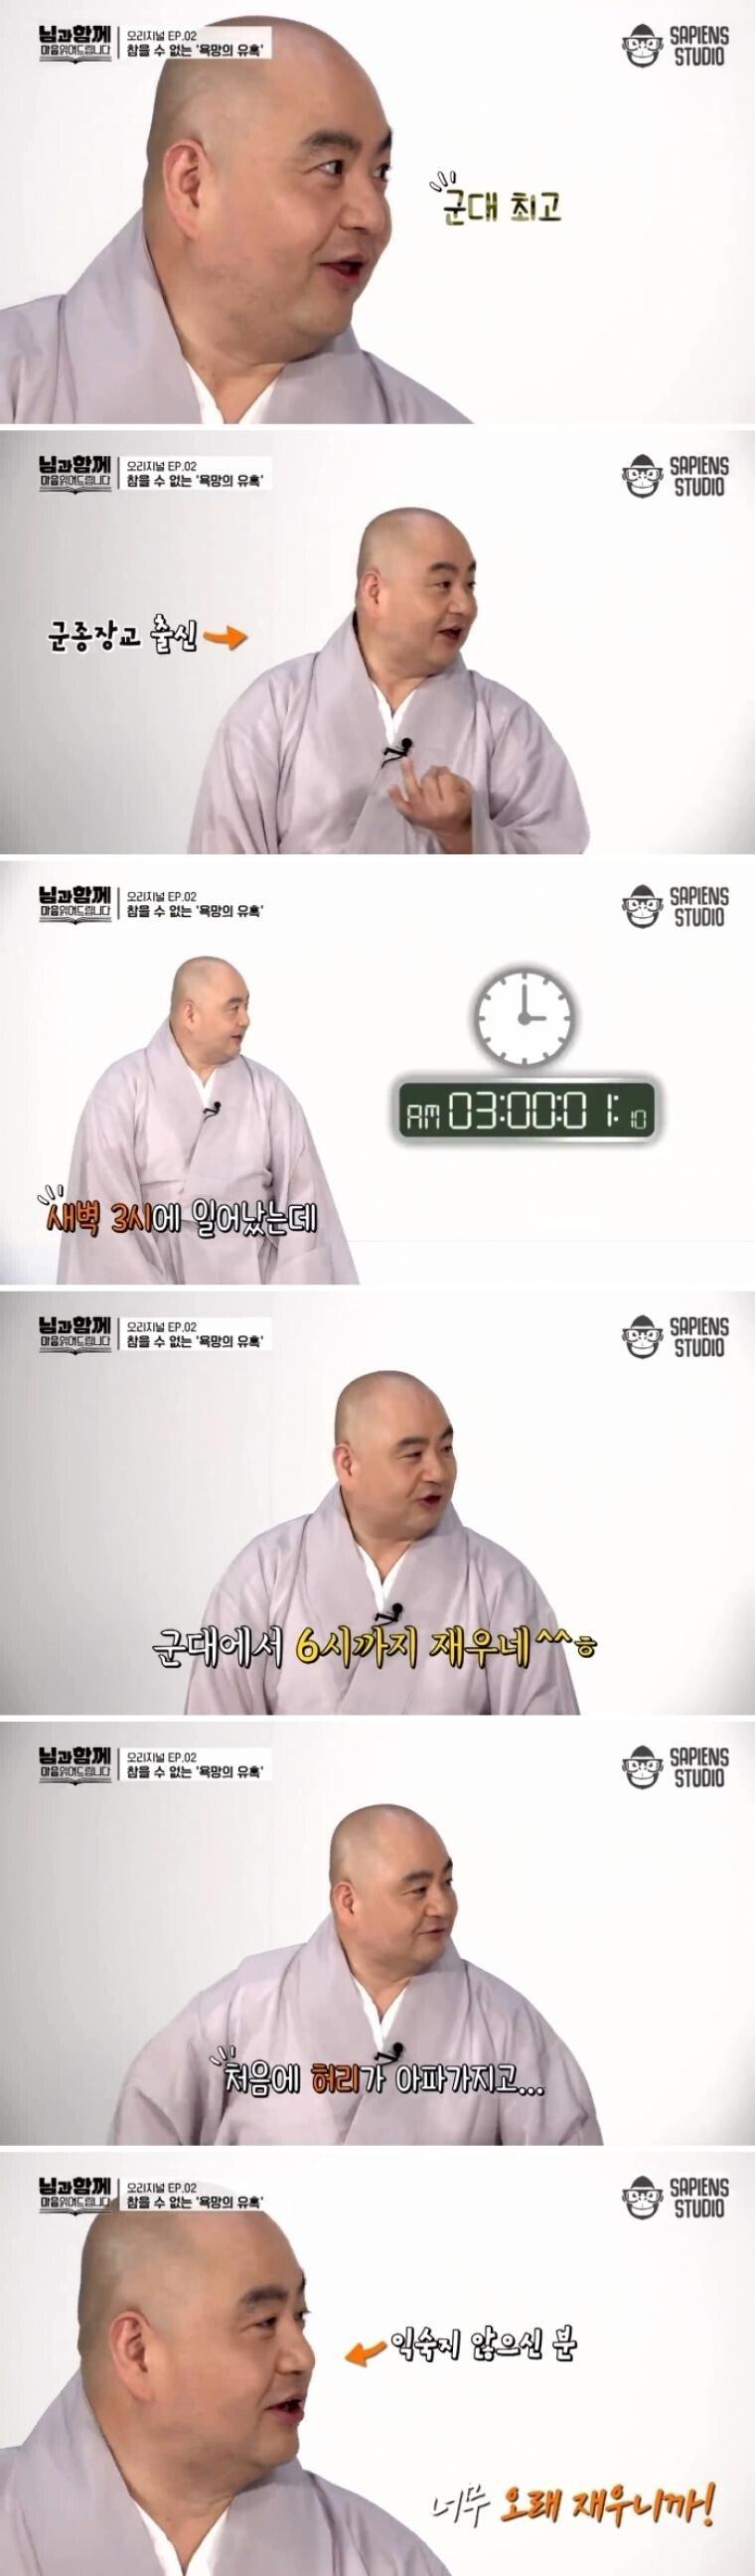 스님과 신부님이 터는 군대 썰2.jpg